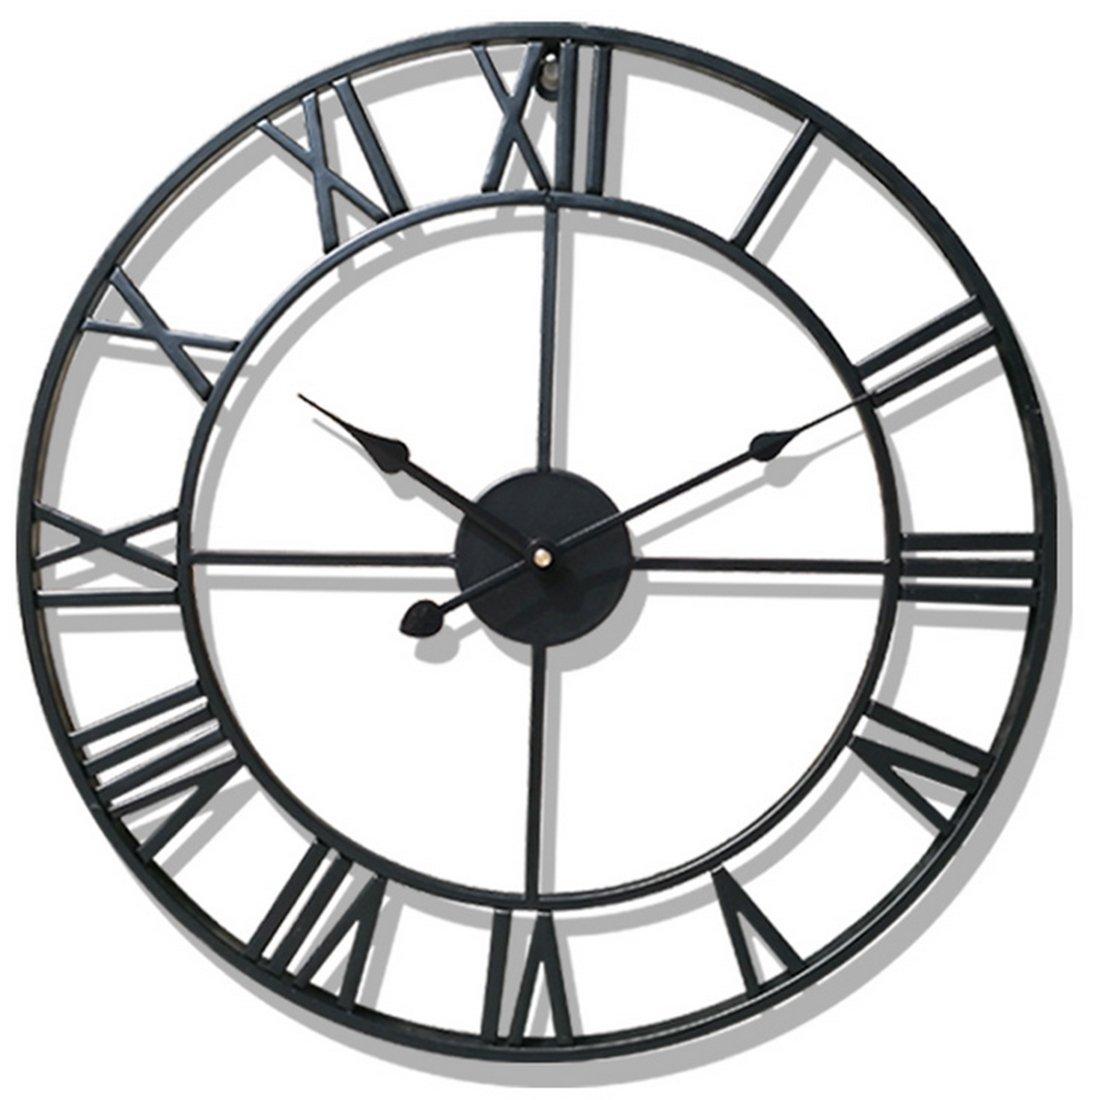 TXXCI Orologio da muro Silenzioso Vintage 50CM, Grande Orologio da Parete in Ferro Decorazione per Soggiorno Cucina Studio size 50 * 50 * 4 cm (Nero)